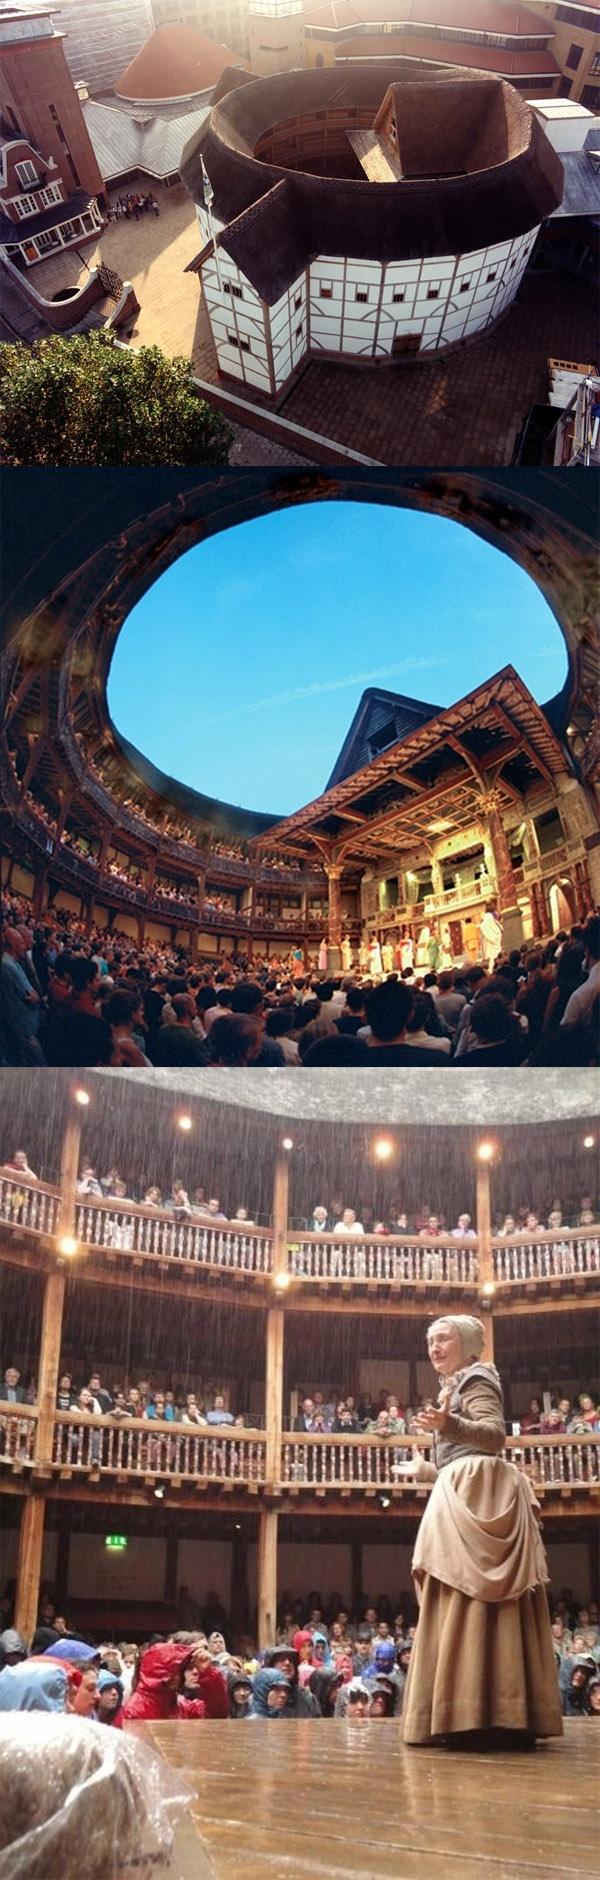 6Globe theatre in London2